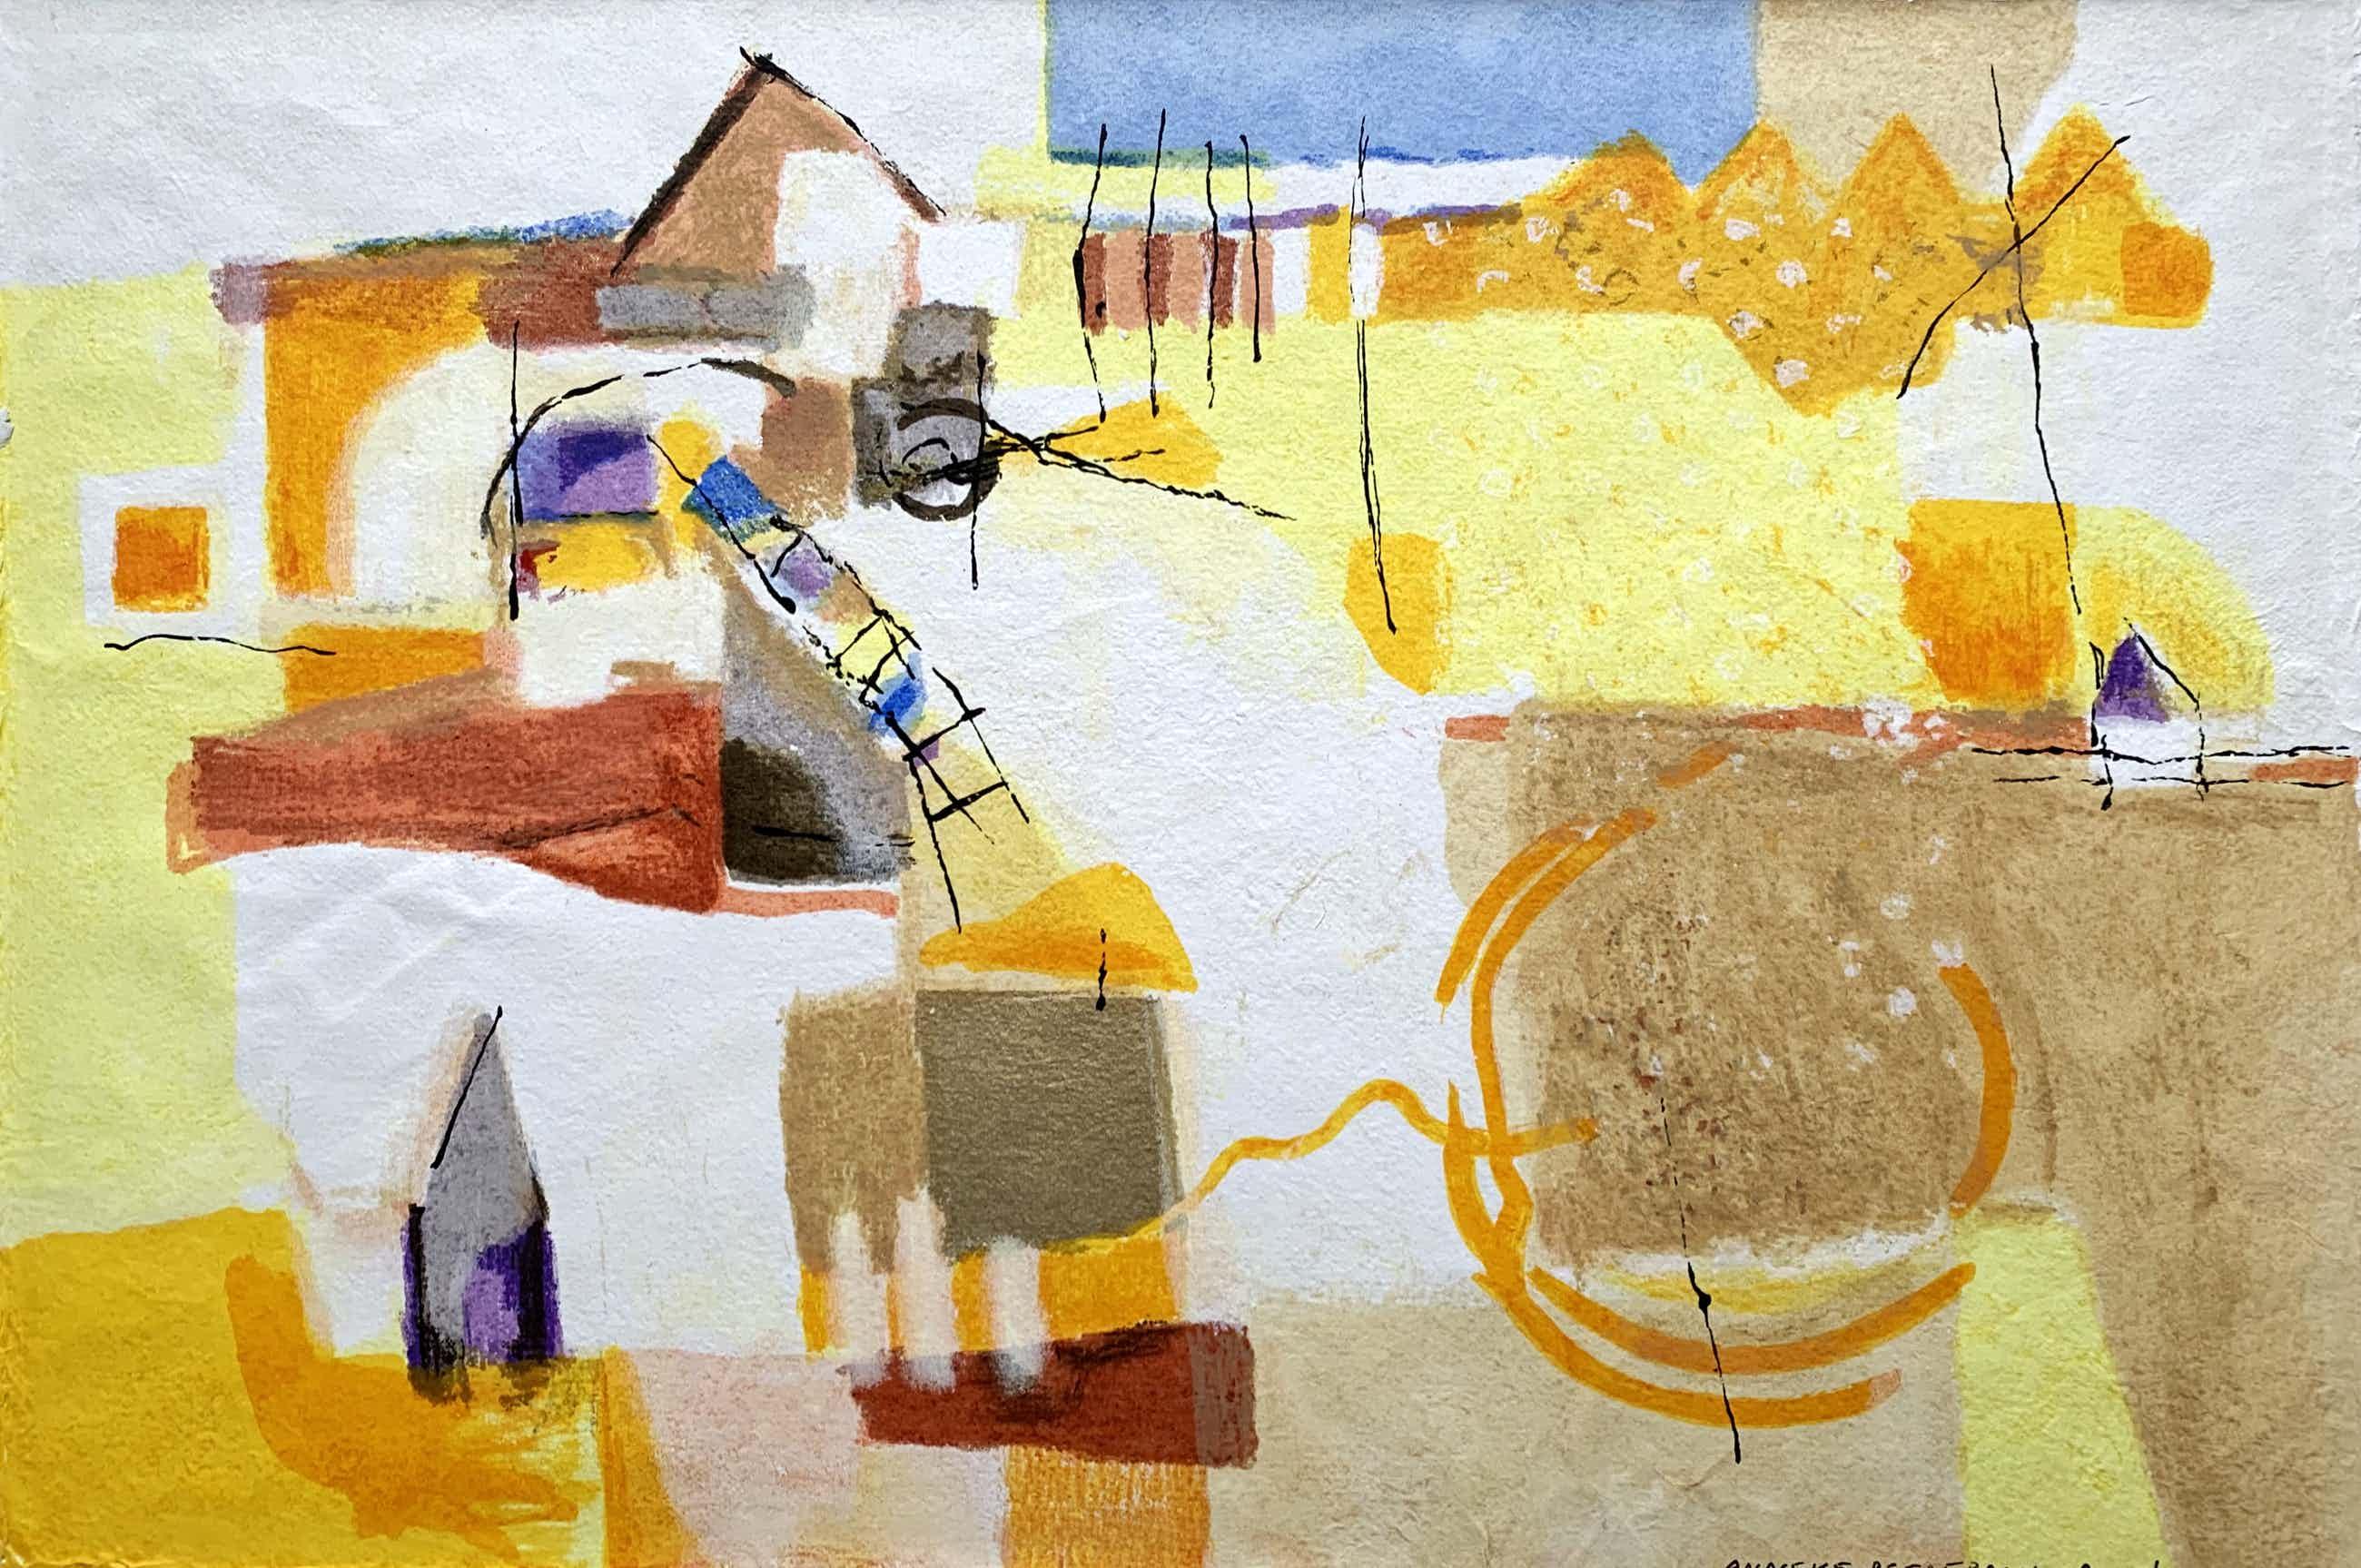 Anneke Peereboom - kleurenzeefdruk | 'Luce del Giorno III' | 1998 kopen? Bied vanaf 60!